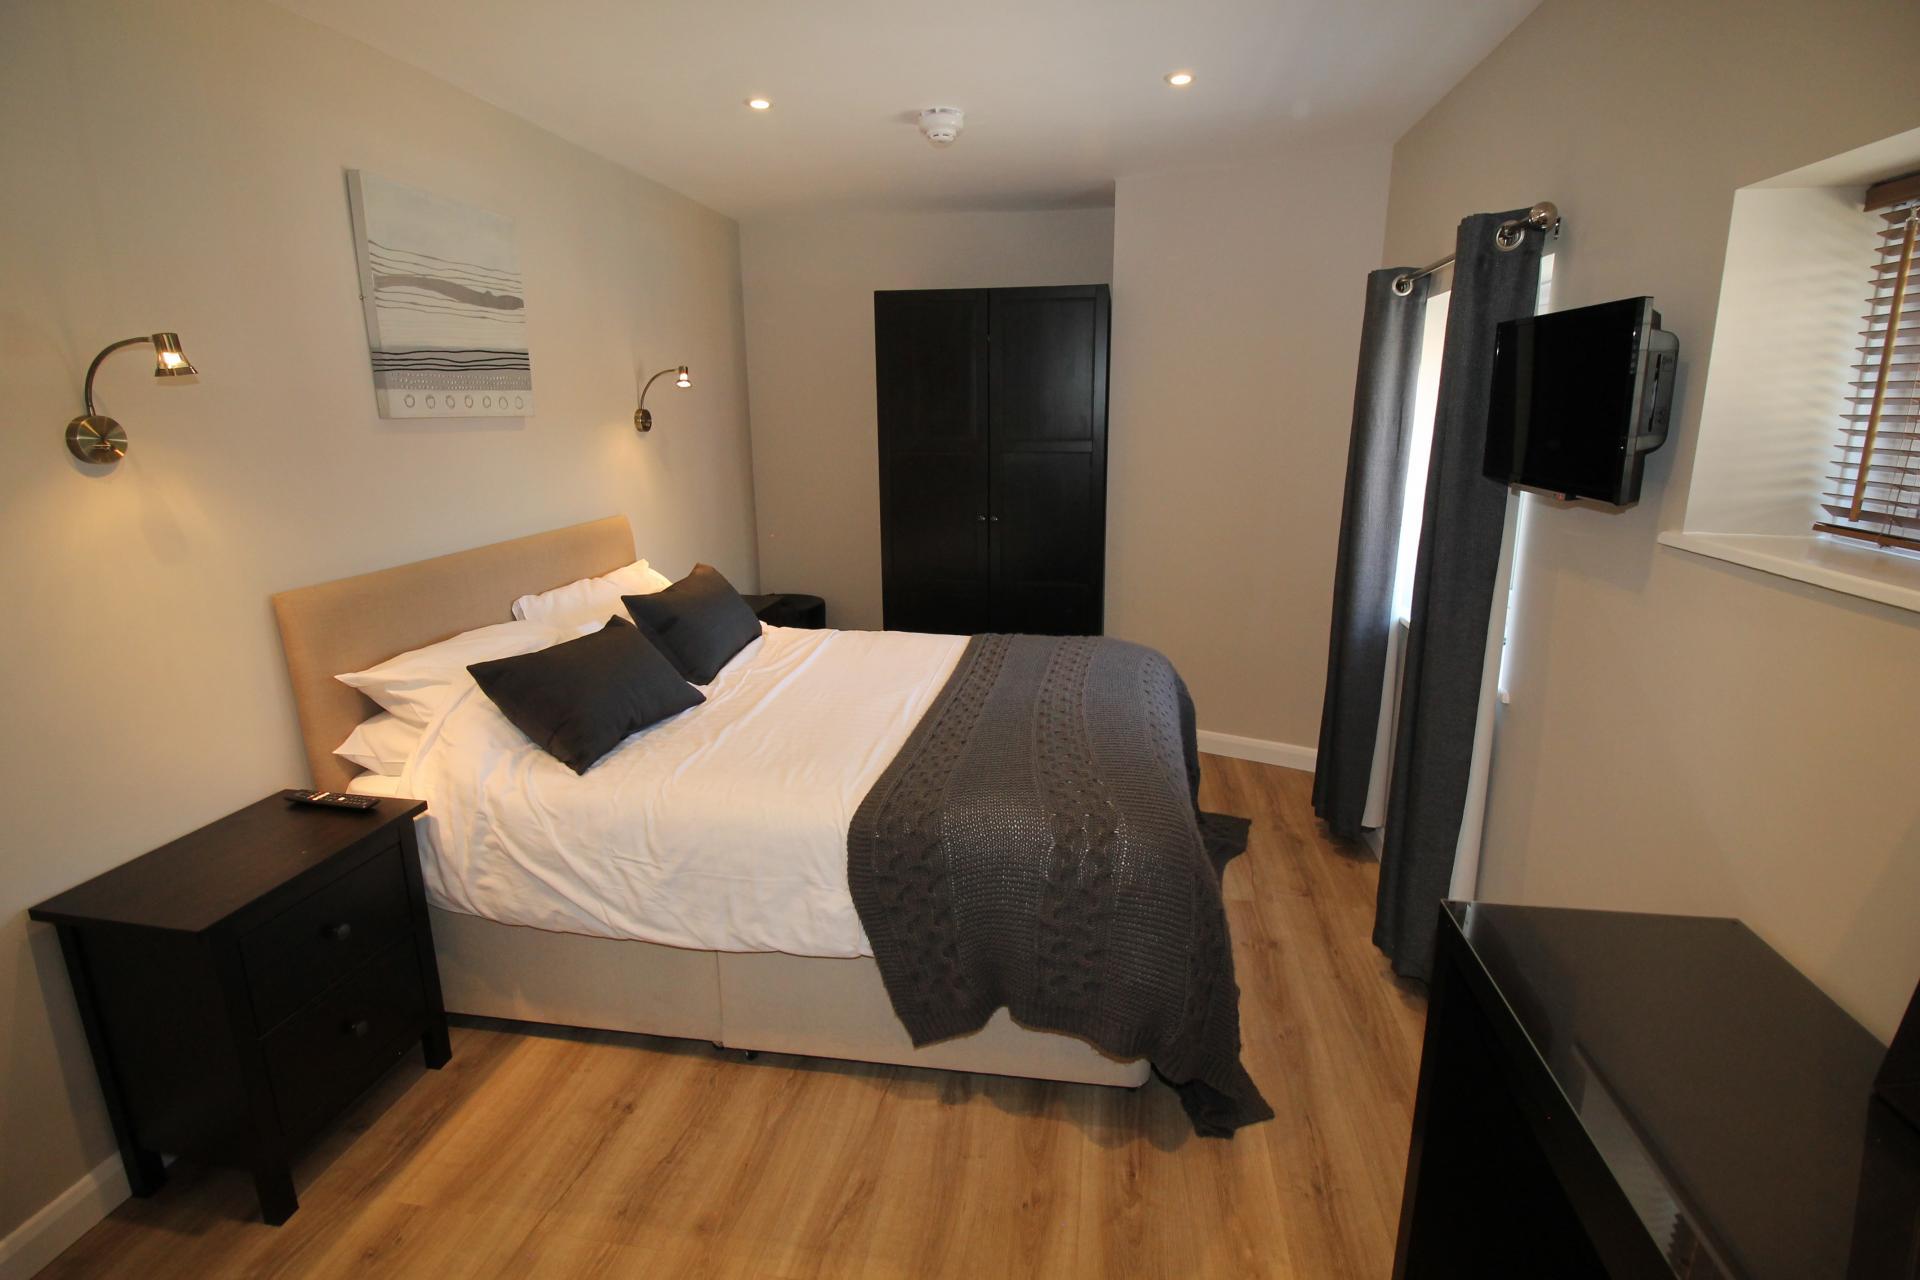 Bedding at No 18 Apartments - Citybase Apartments